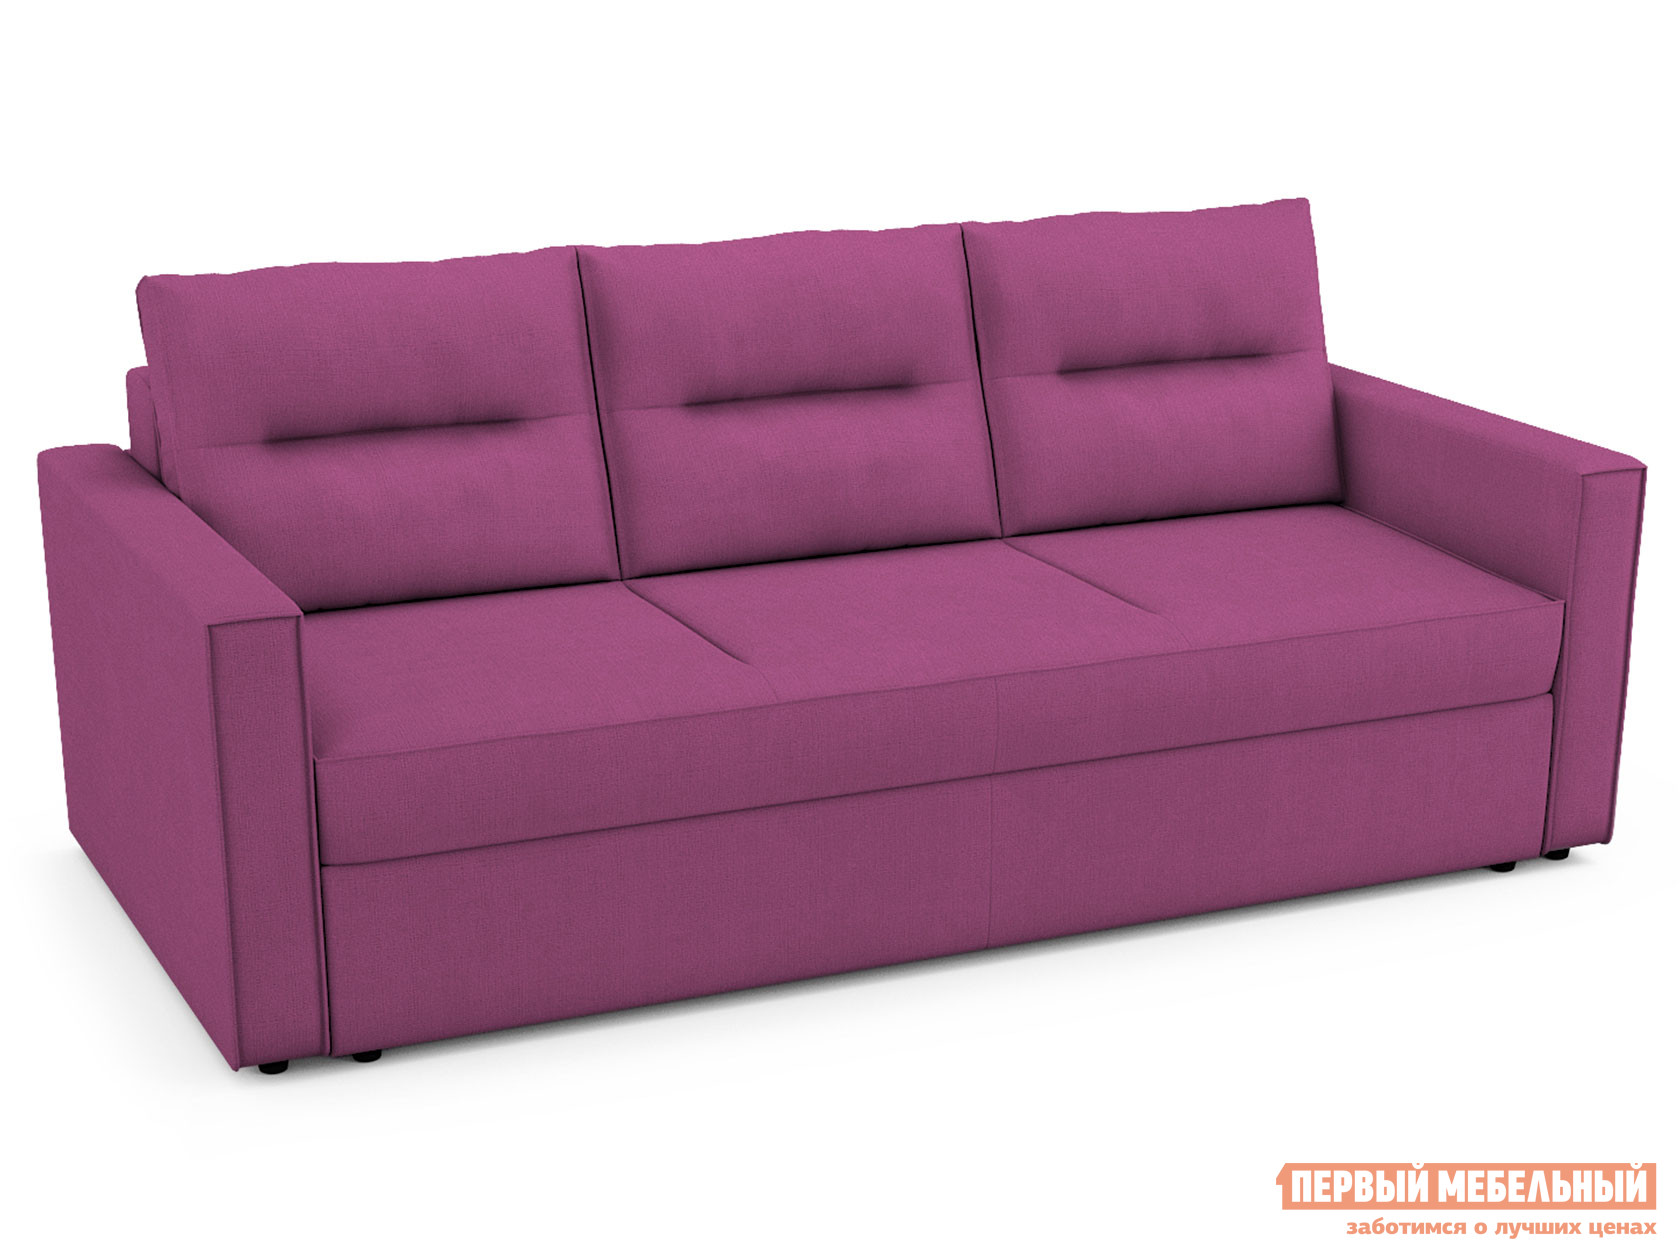 Прямой диван Первый Мебельный Прямой диван Тоскана